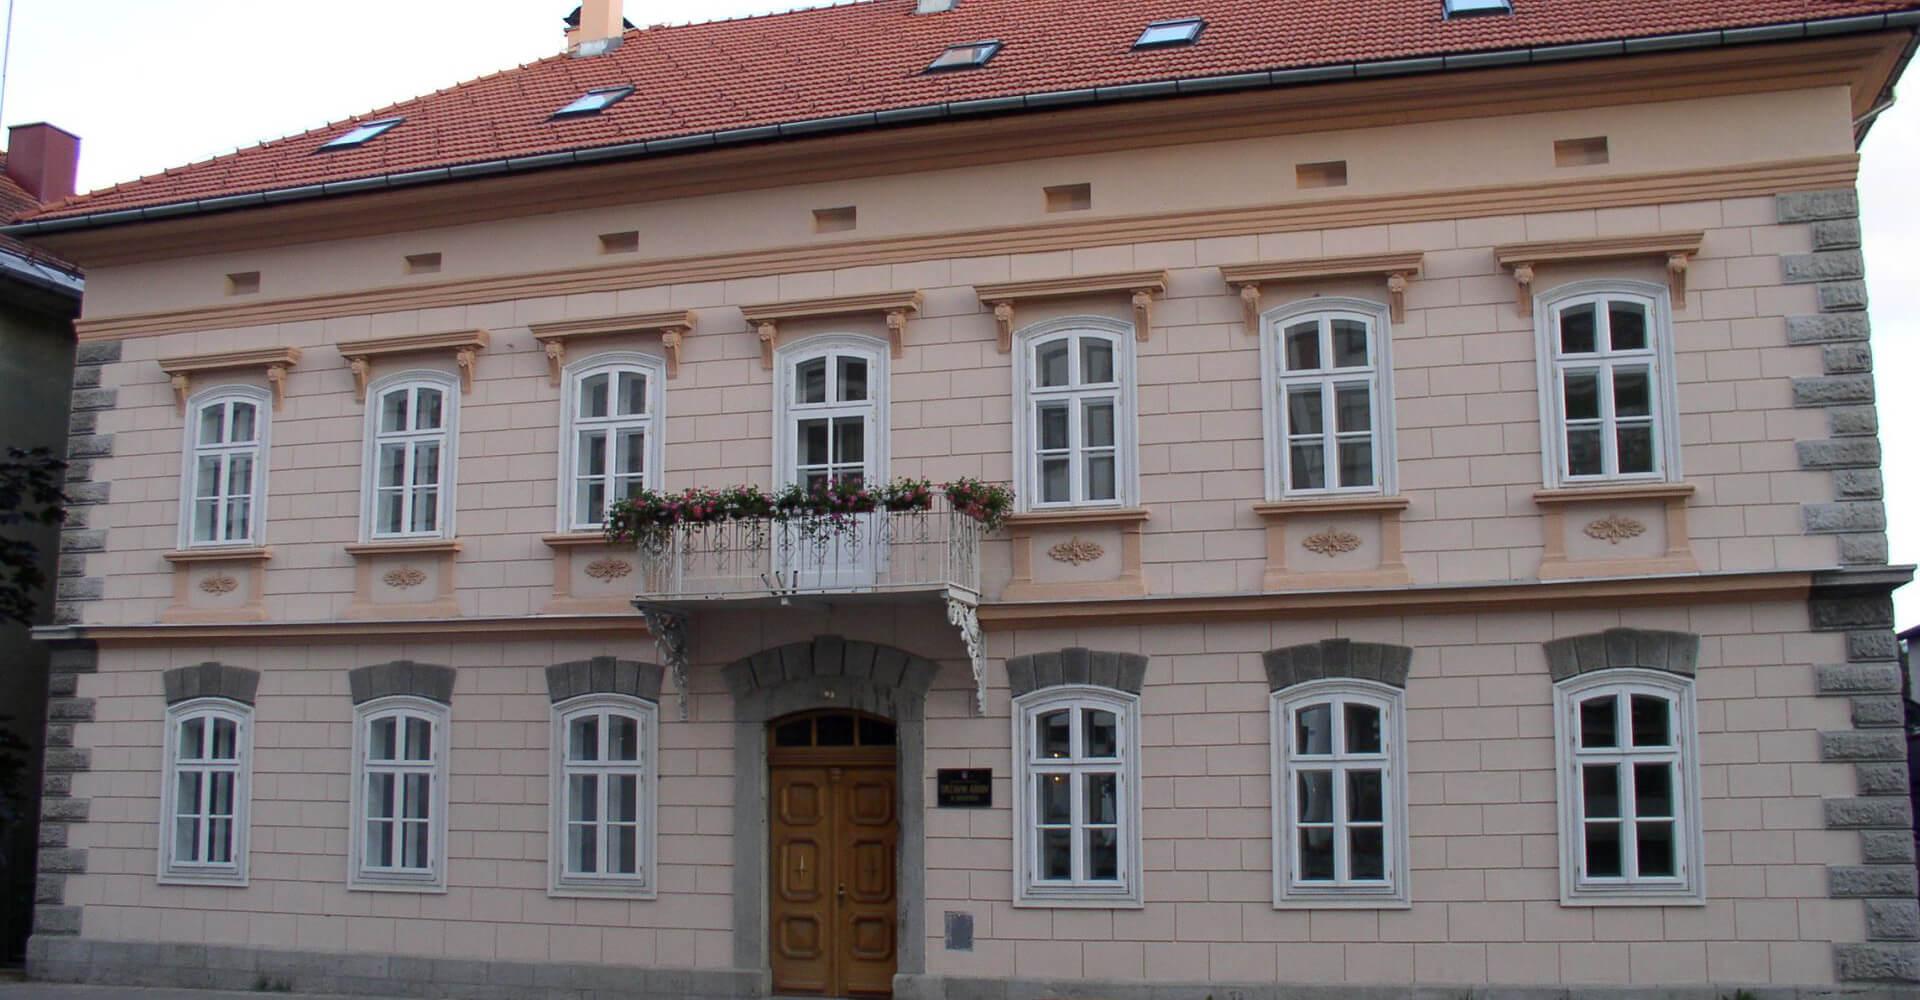 Državni arhiv u Gospiću